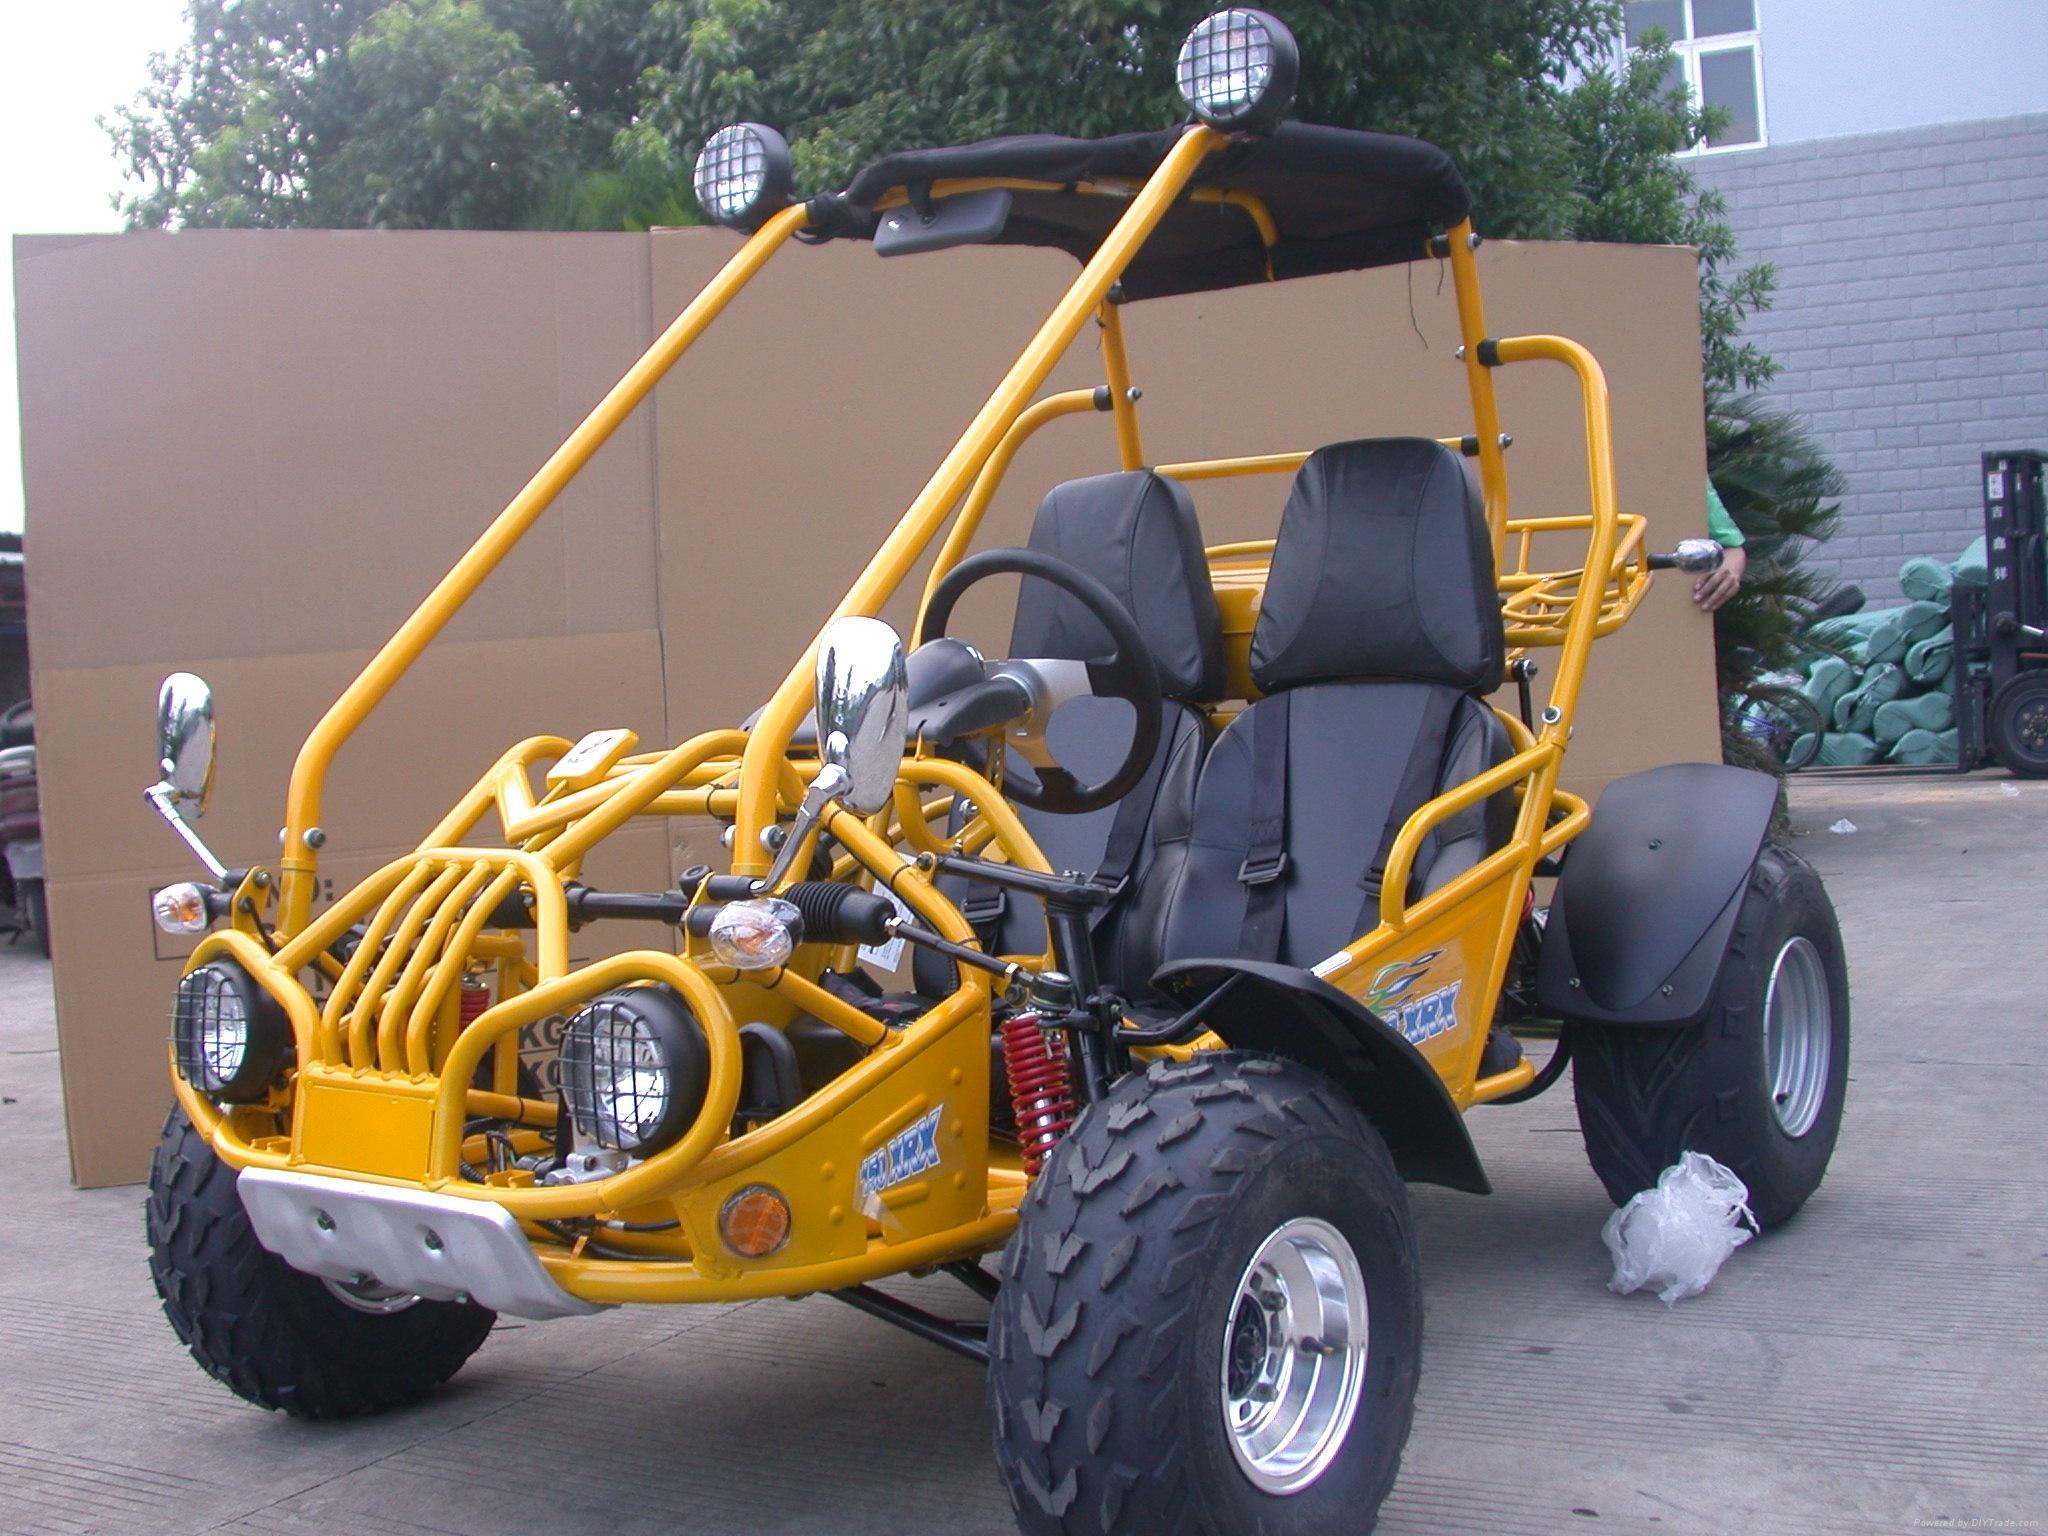 2Seats 150cc Hammerhead Gas Dune B   y off Road Go Kart 4